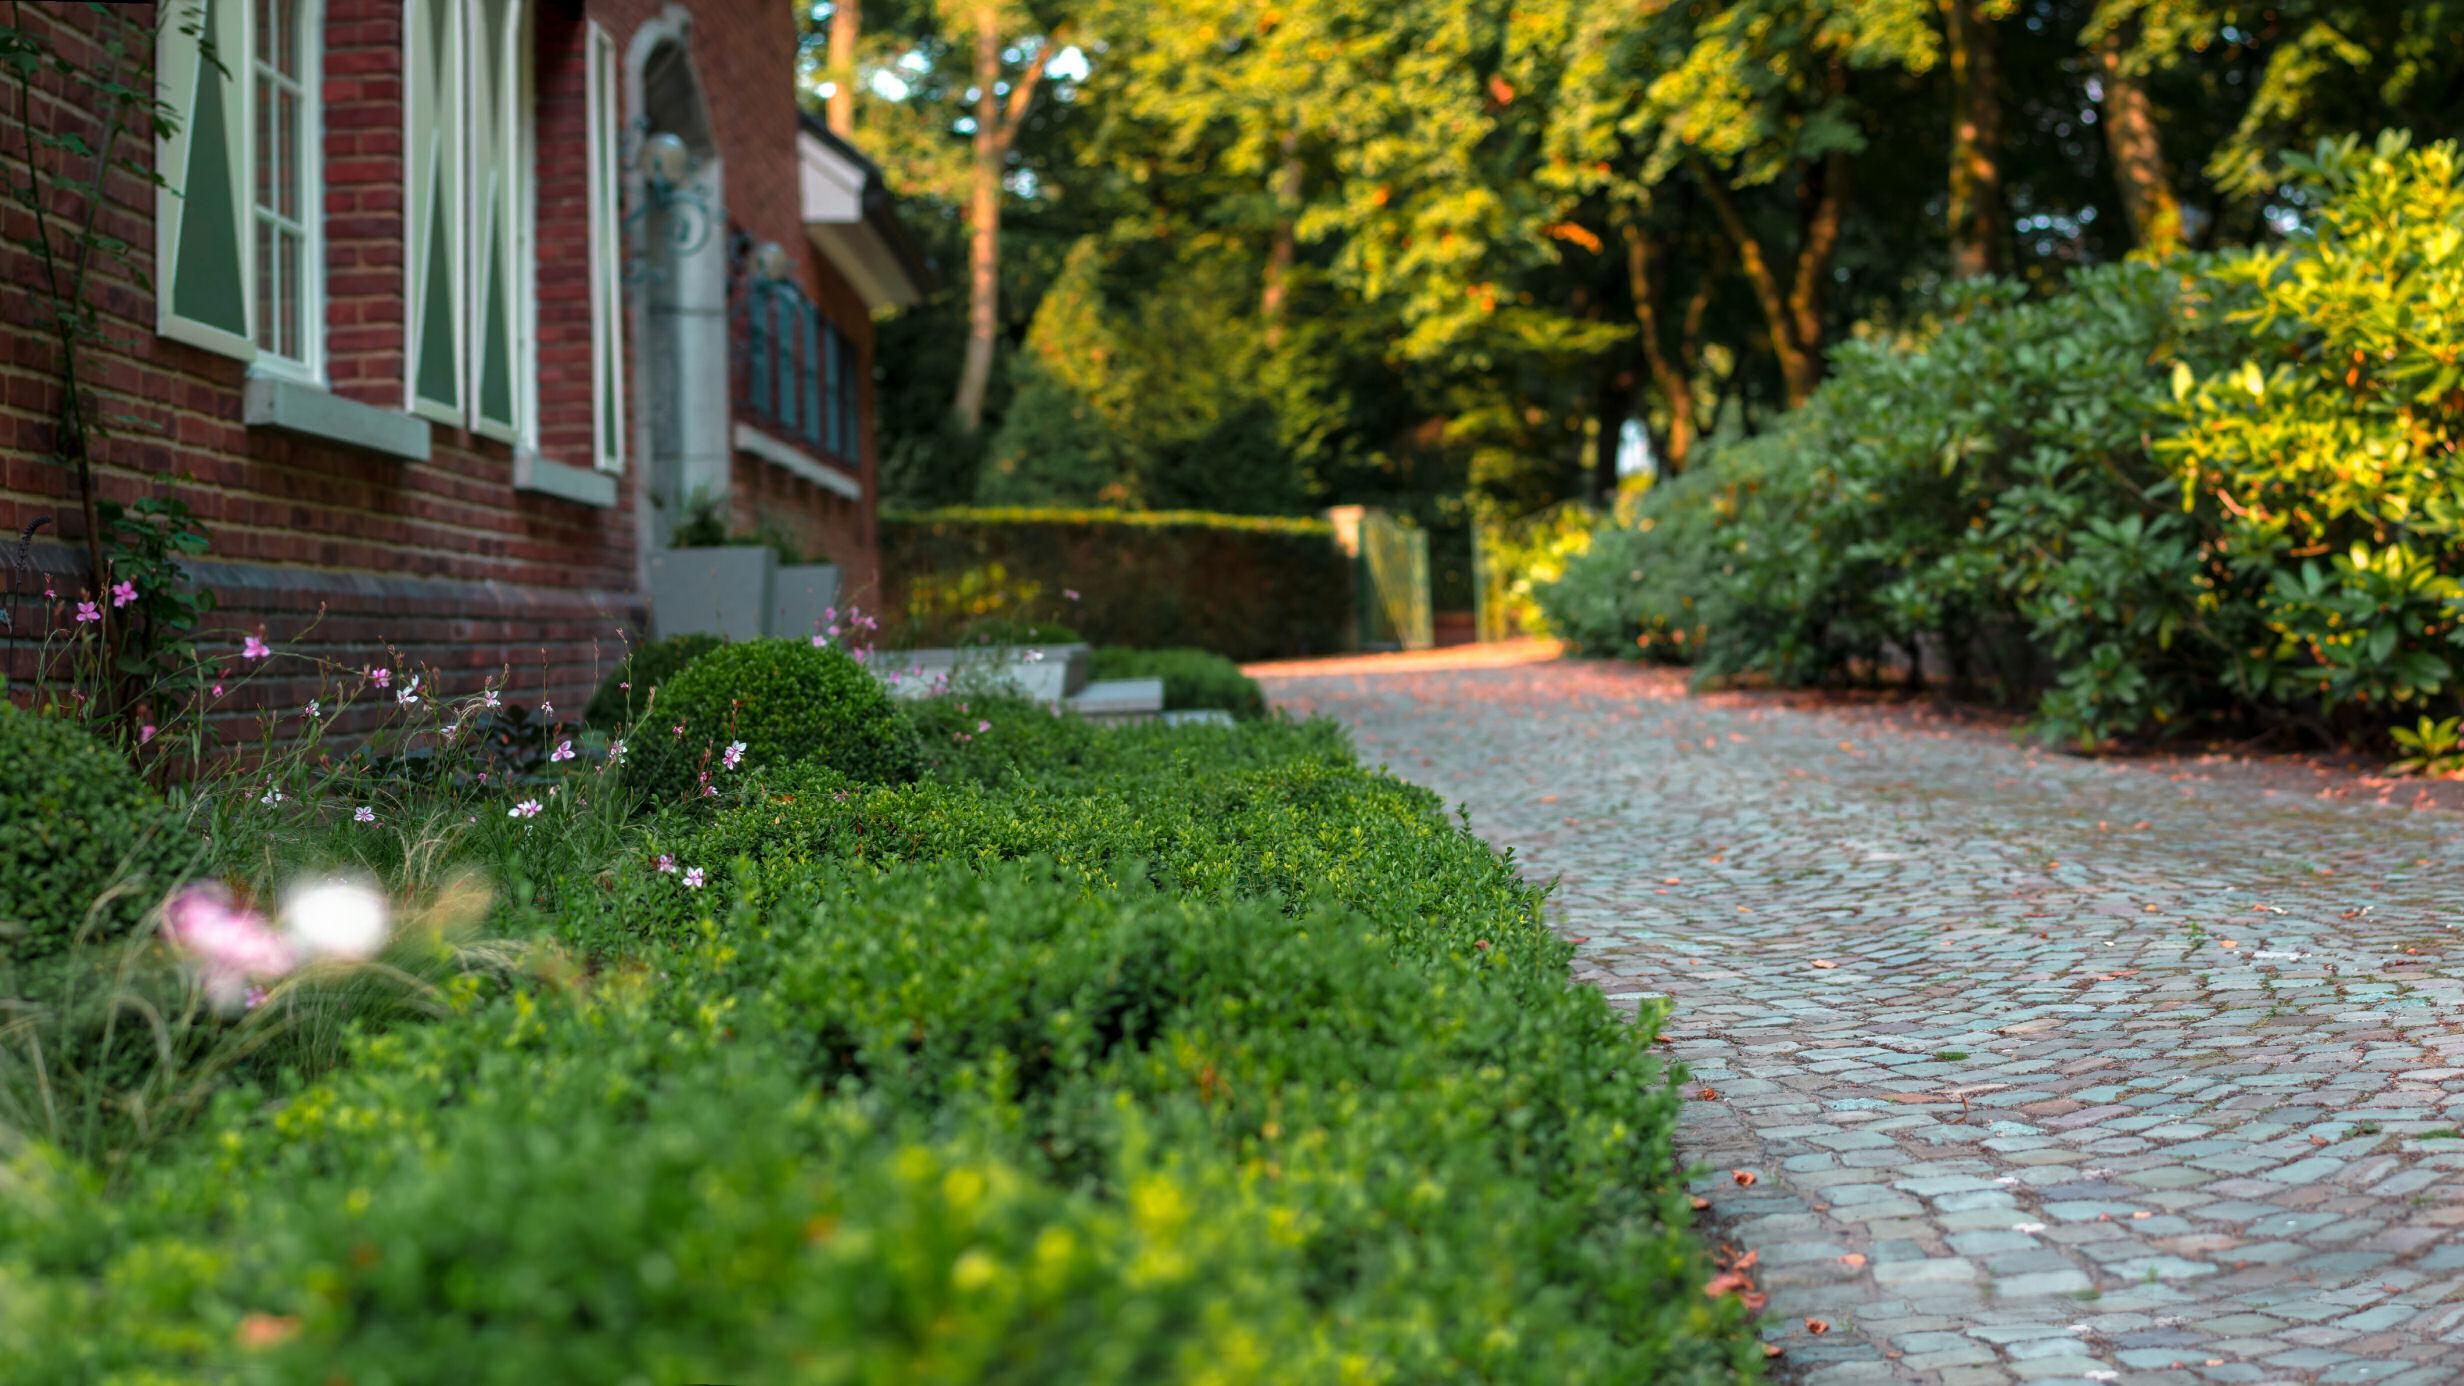 villatuin, tuinrenovatie, stedelijk, tuinontwerp, tuinaanleg